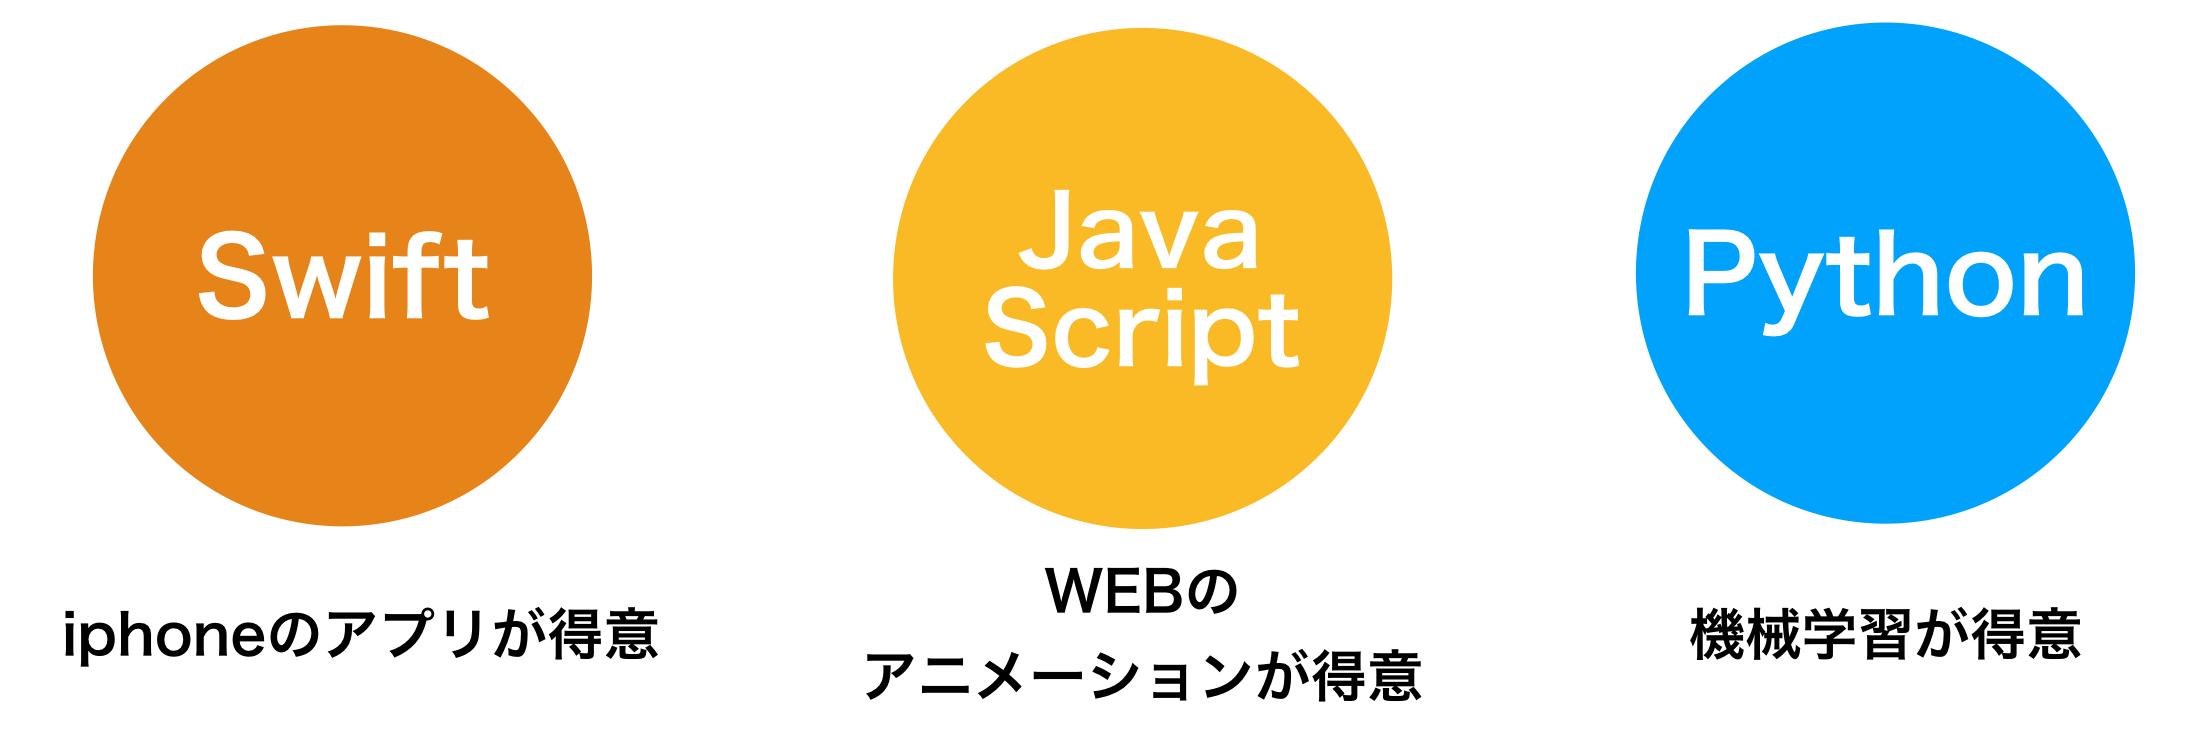 プログラミング言語例